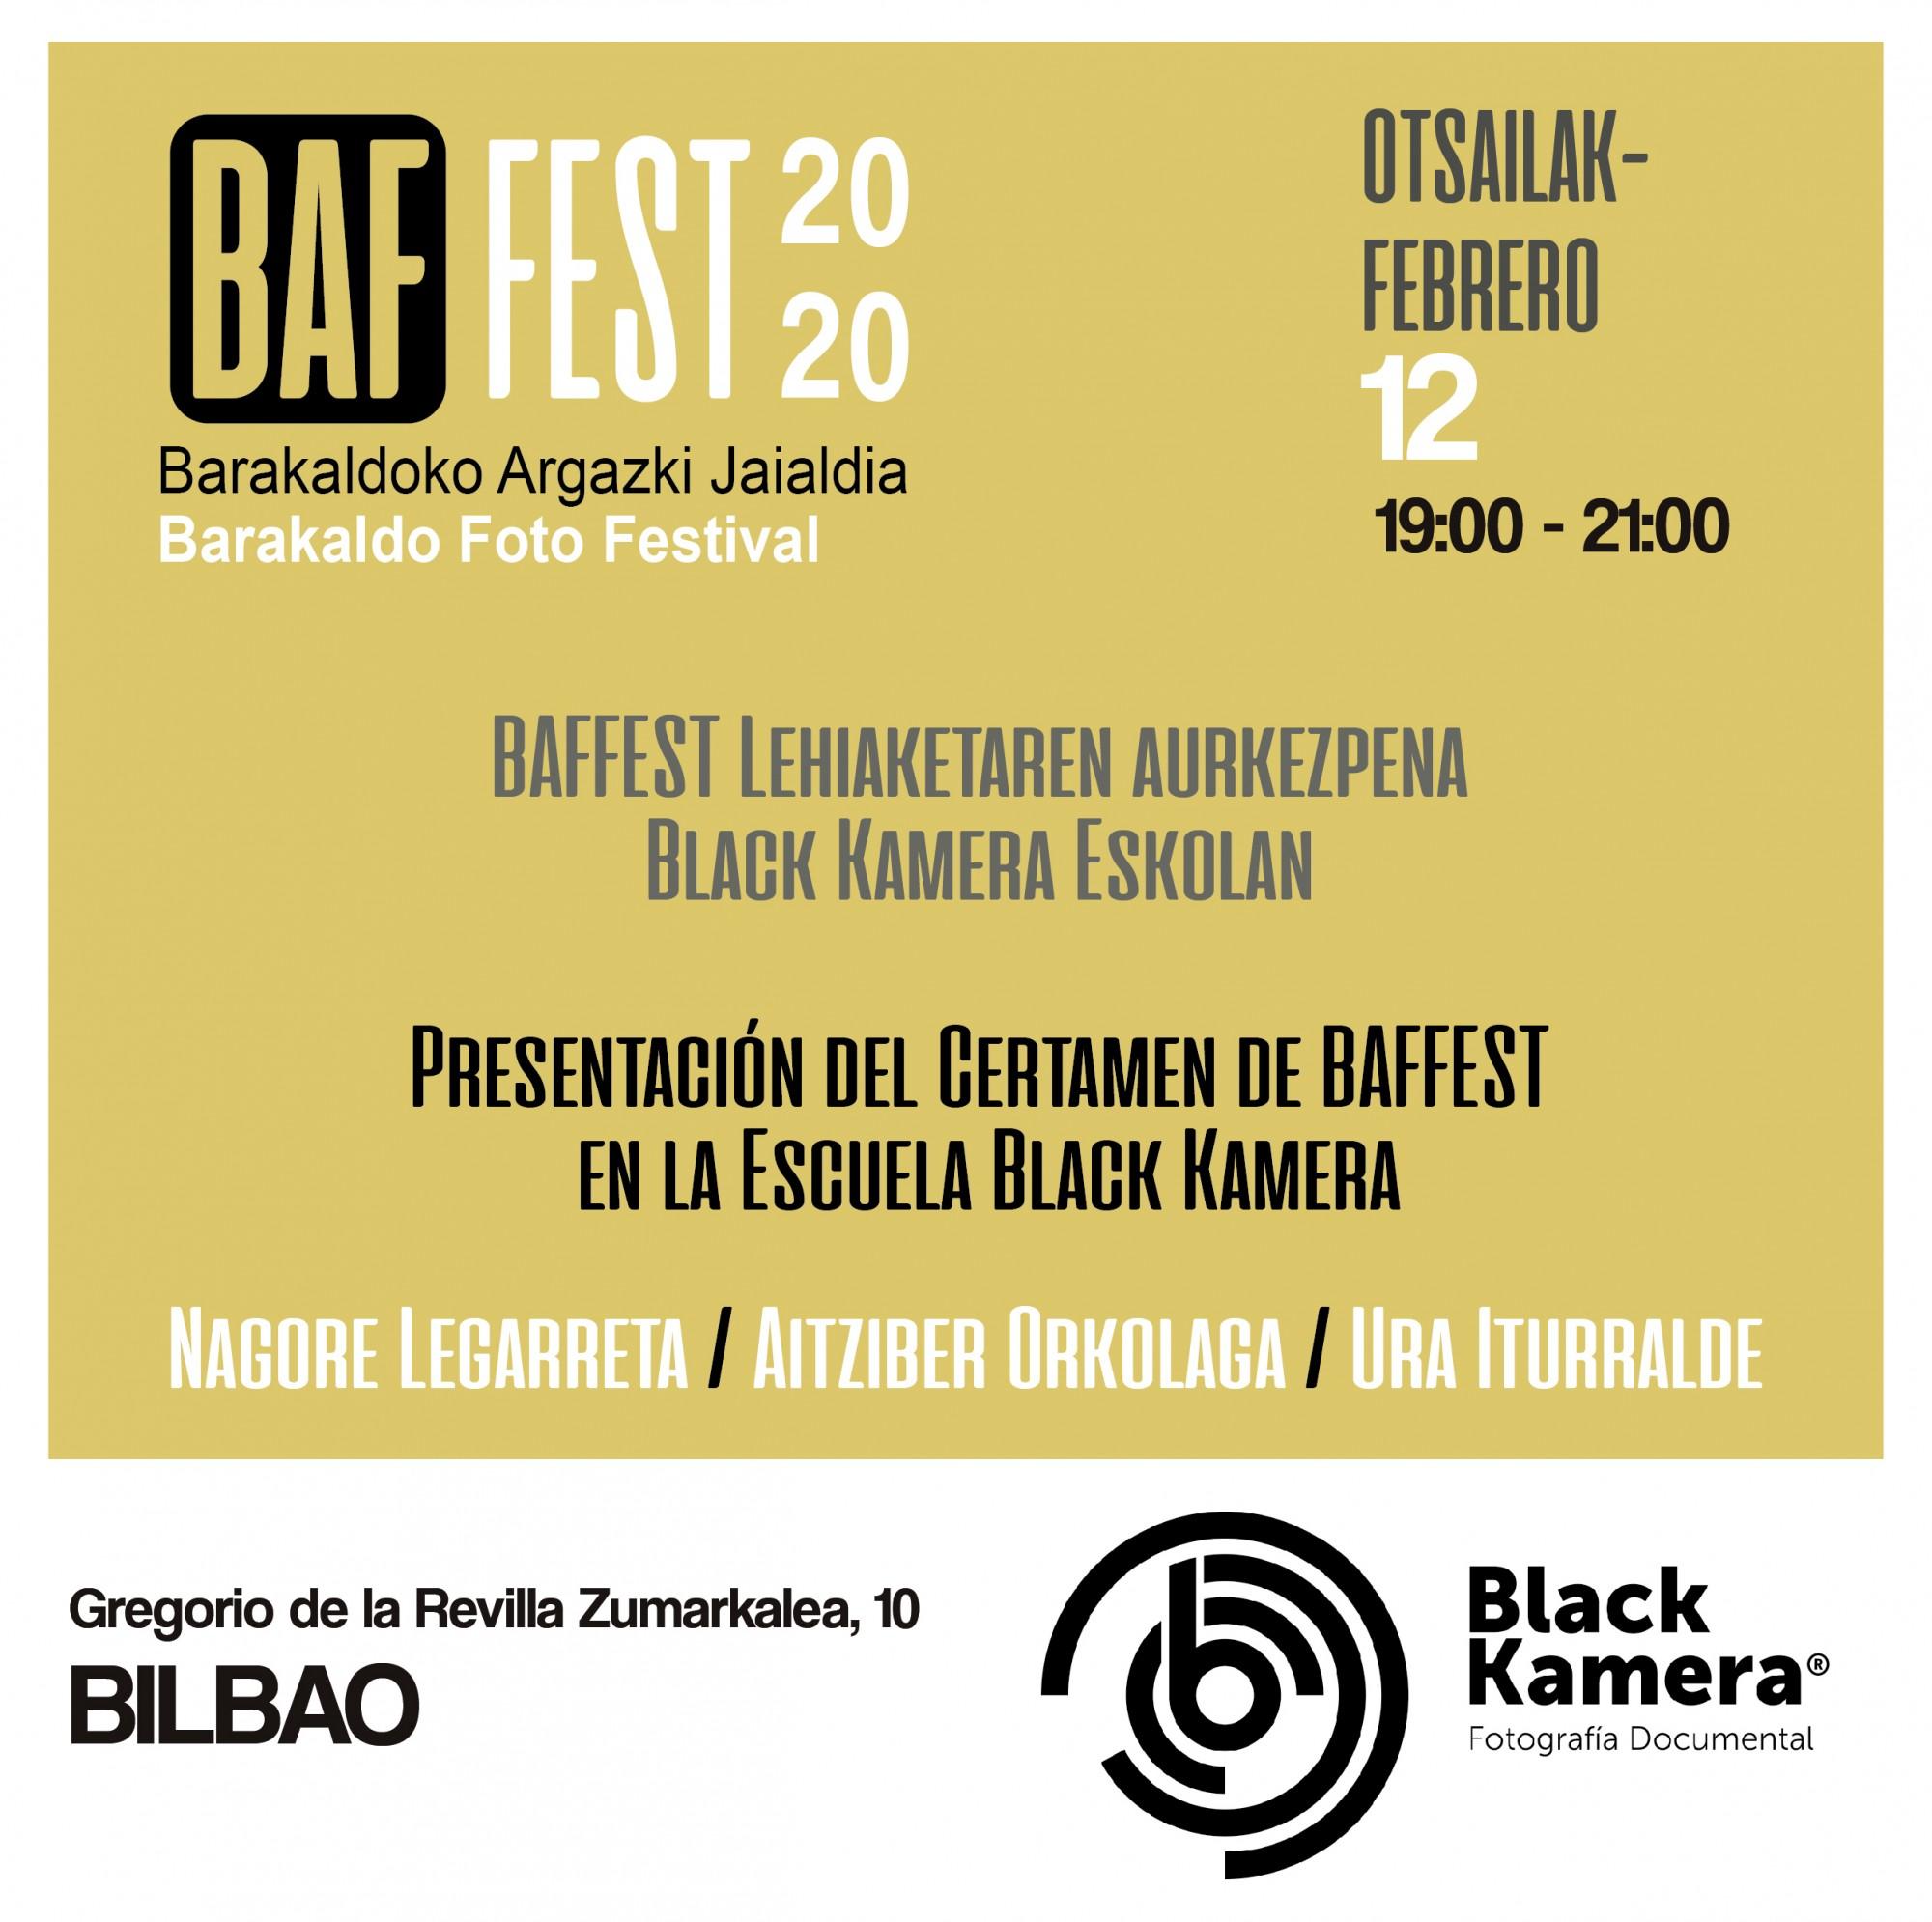 Presentación de Baffest 2020 en Blackkamera.